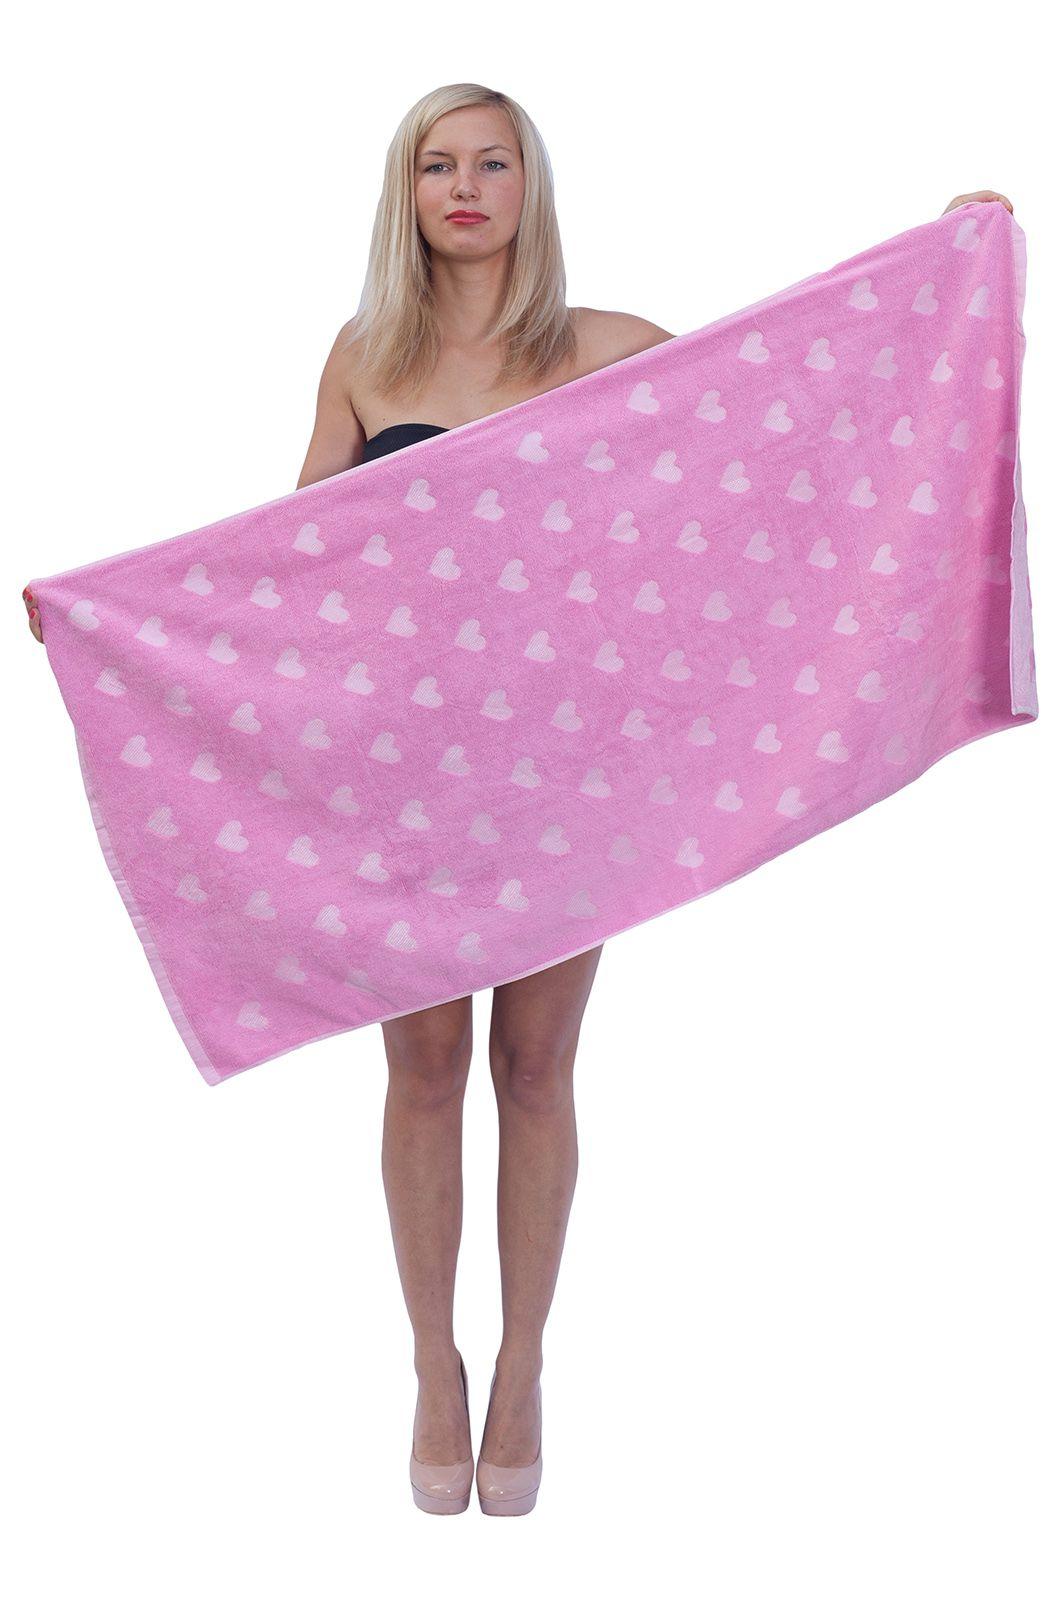 Розовое полотенце - купить в интернет-магазине